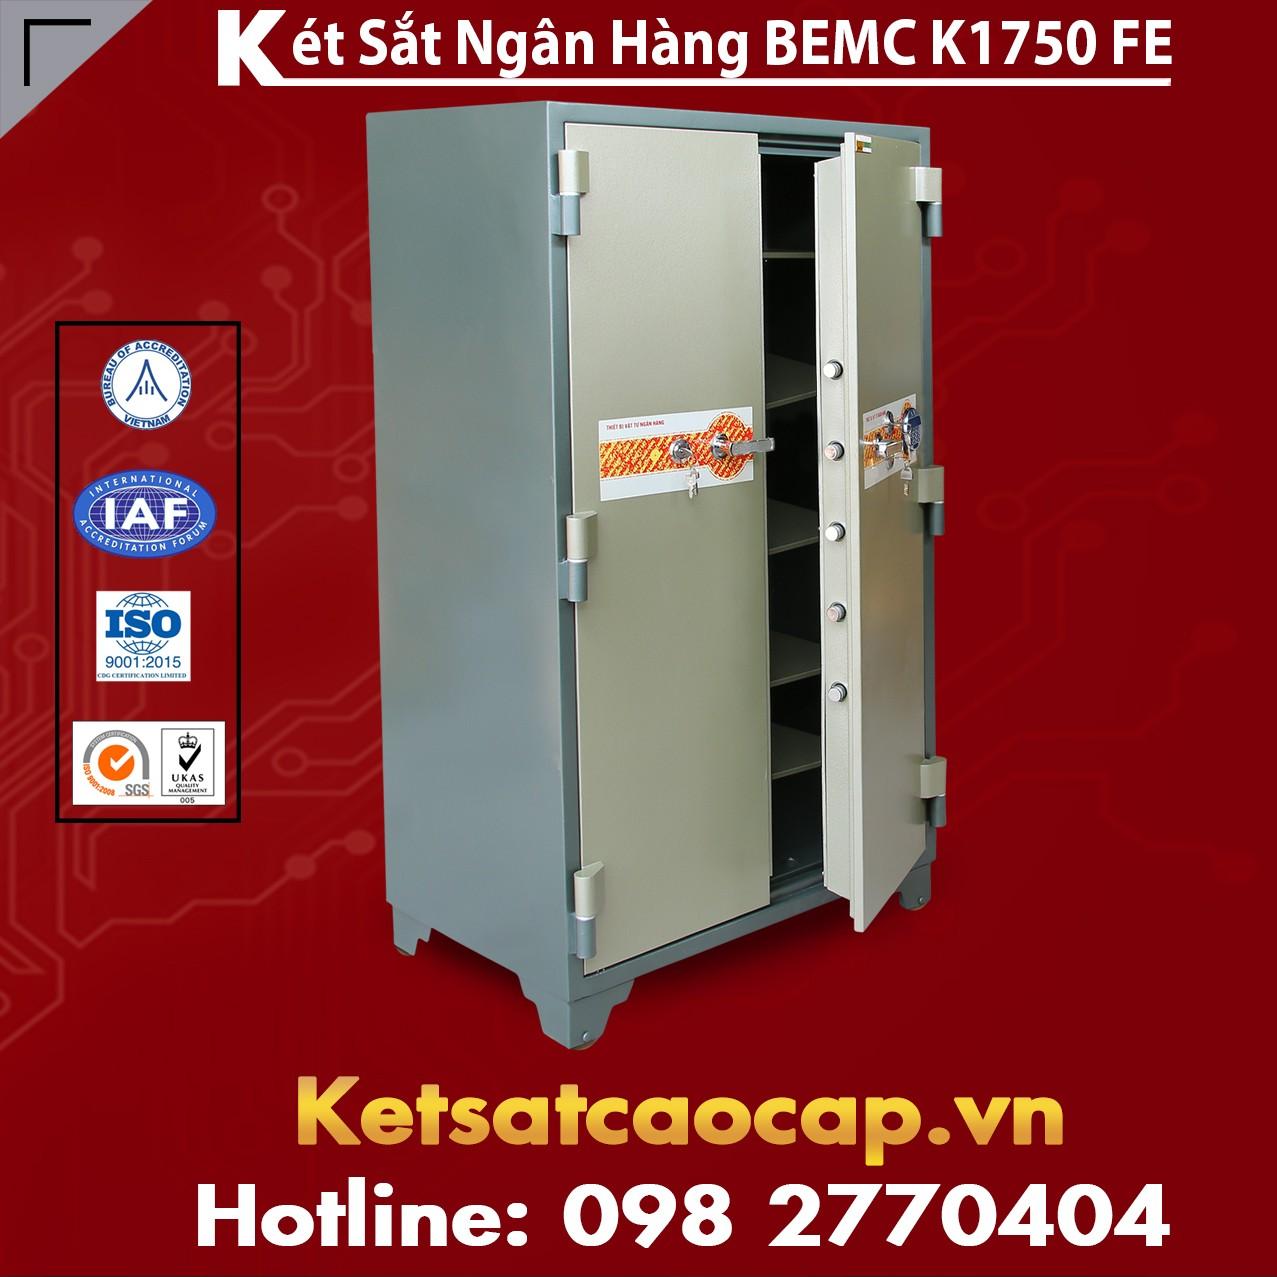 Két Sắt Vân Tay Điện Tử Hàn Quốc 2 Cửa BEMC K1750 FE nơi bán giá rẻ